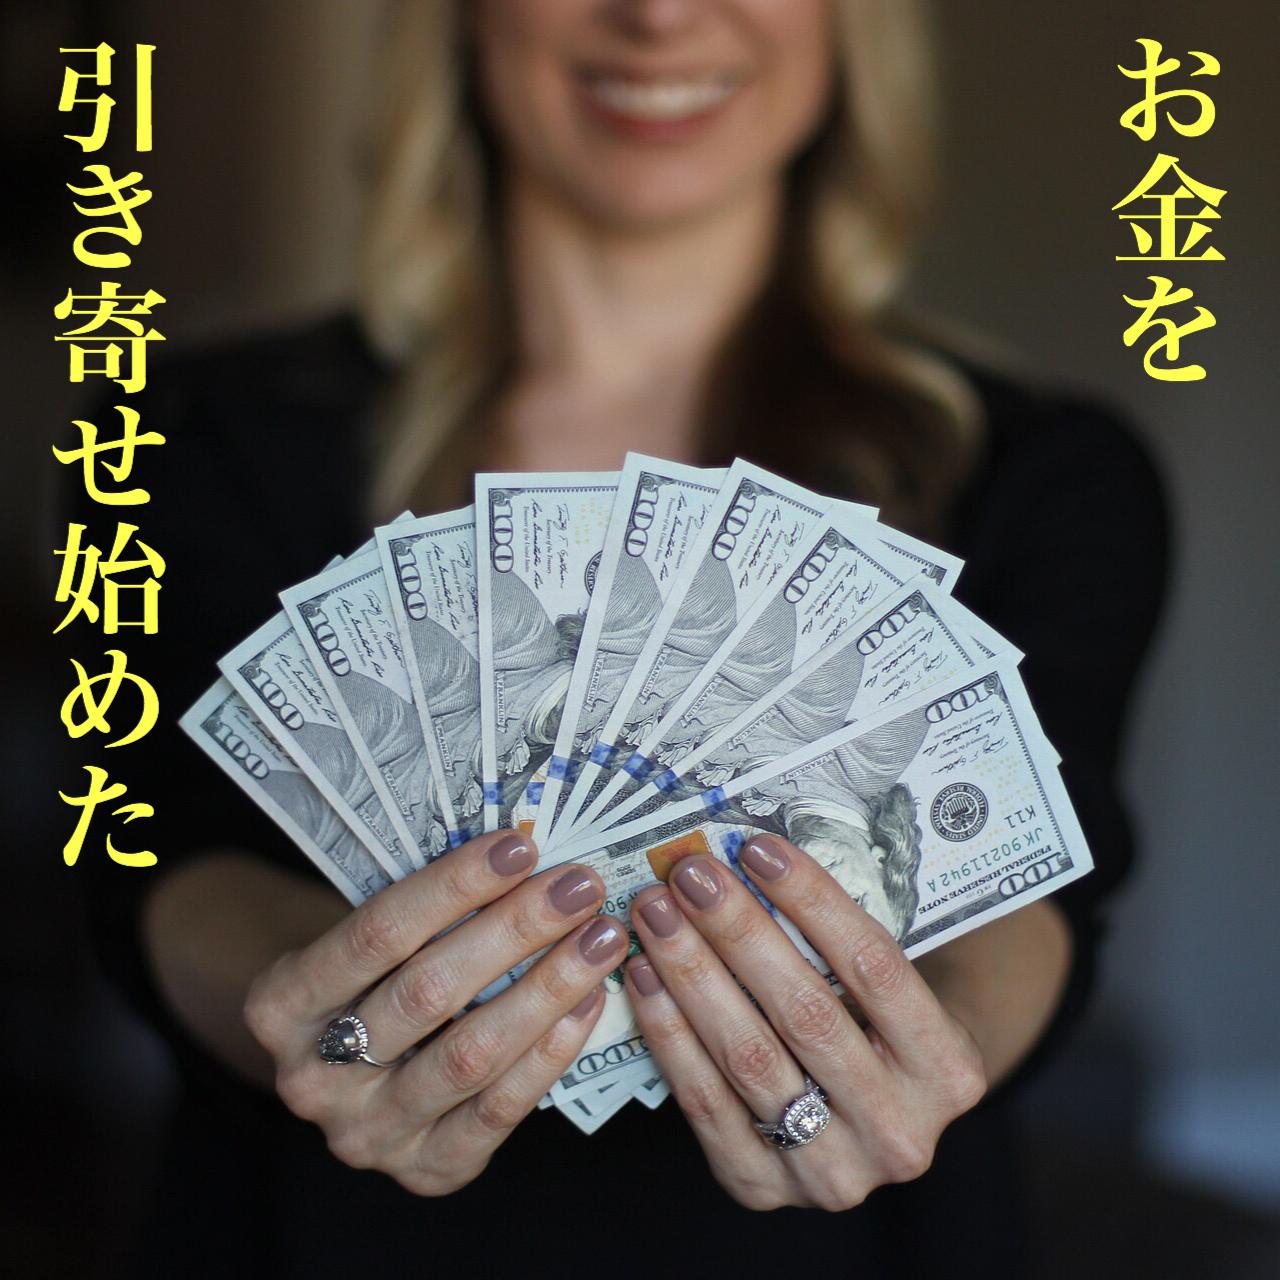 お金を引き寄せ始めた